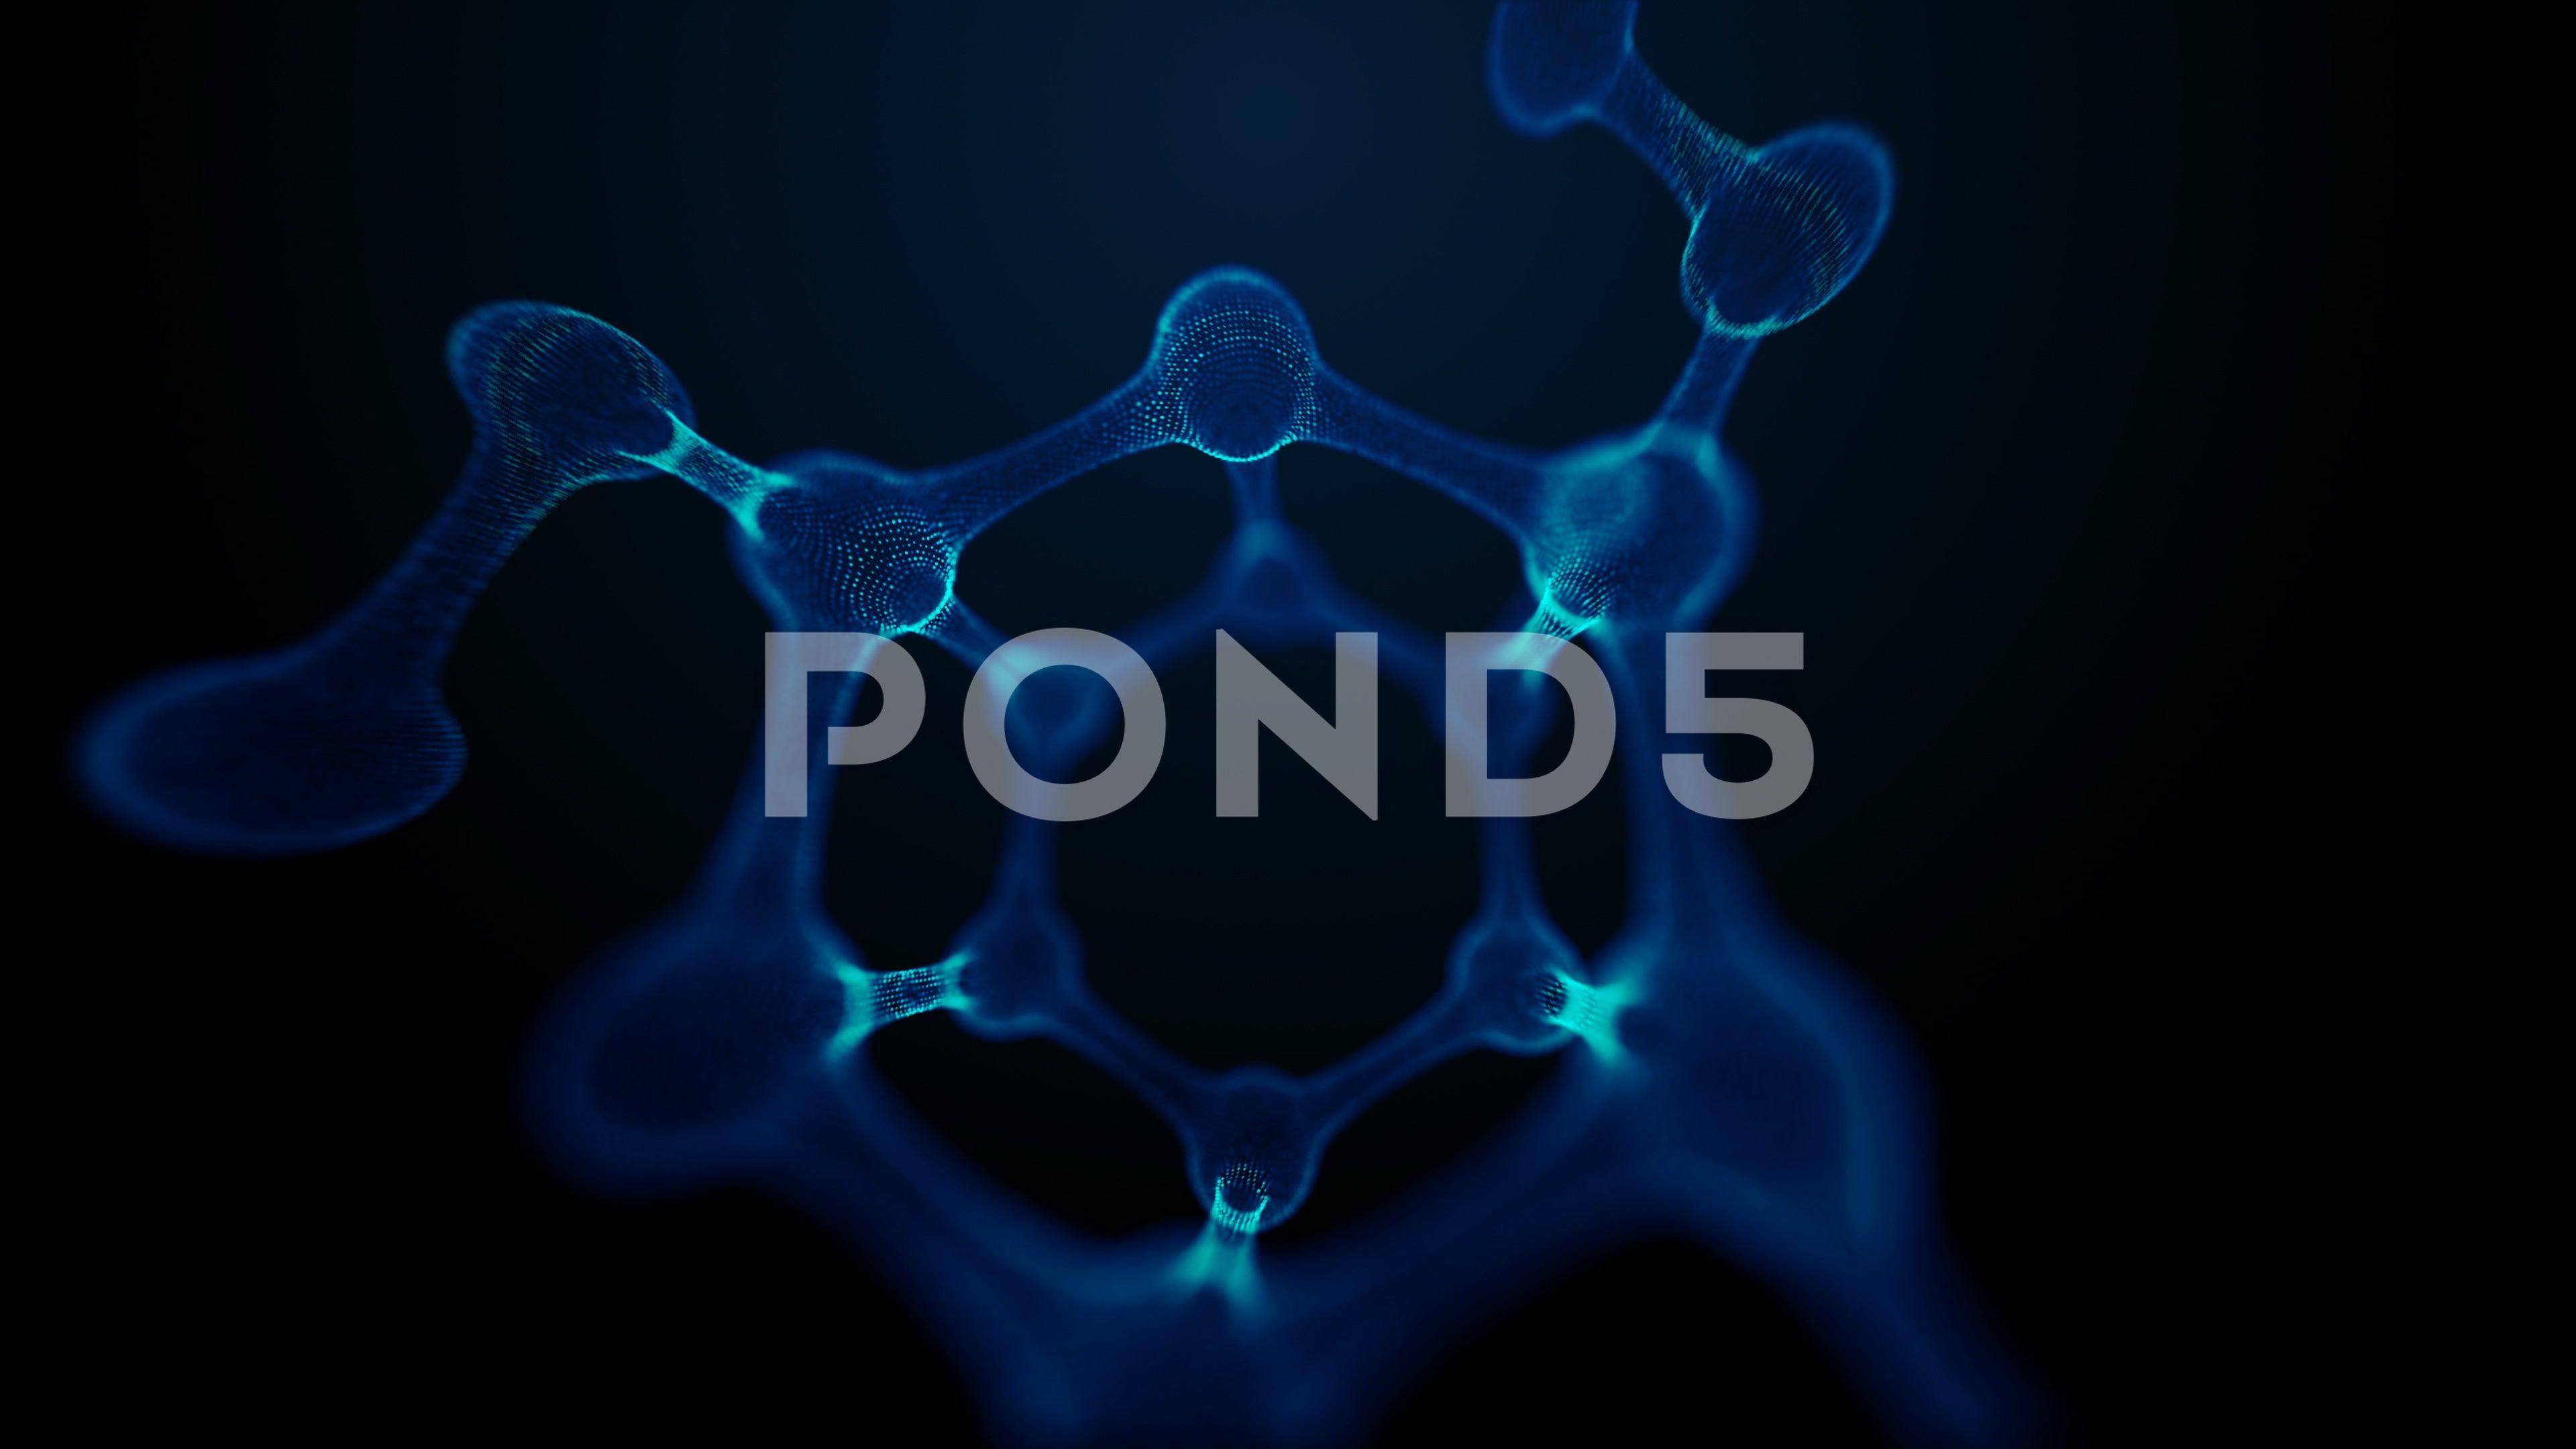 Looped molecule or atom science or medical background Stock Footage atomscienceLoopedmolecule